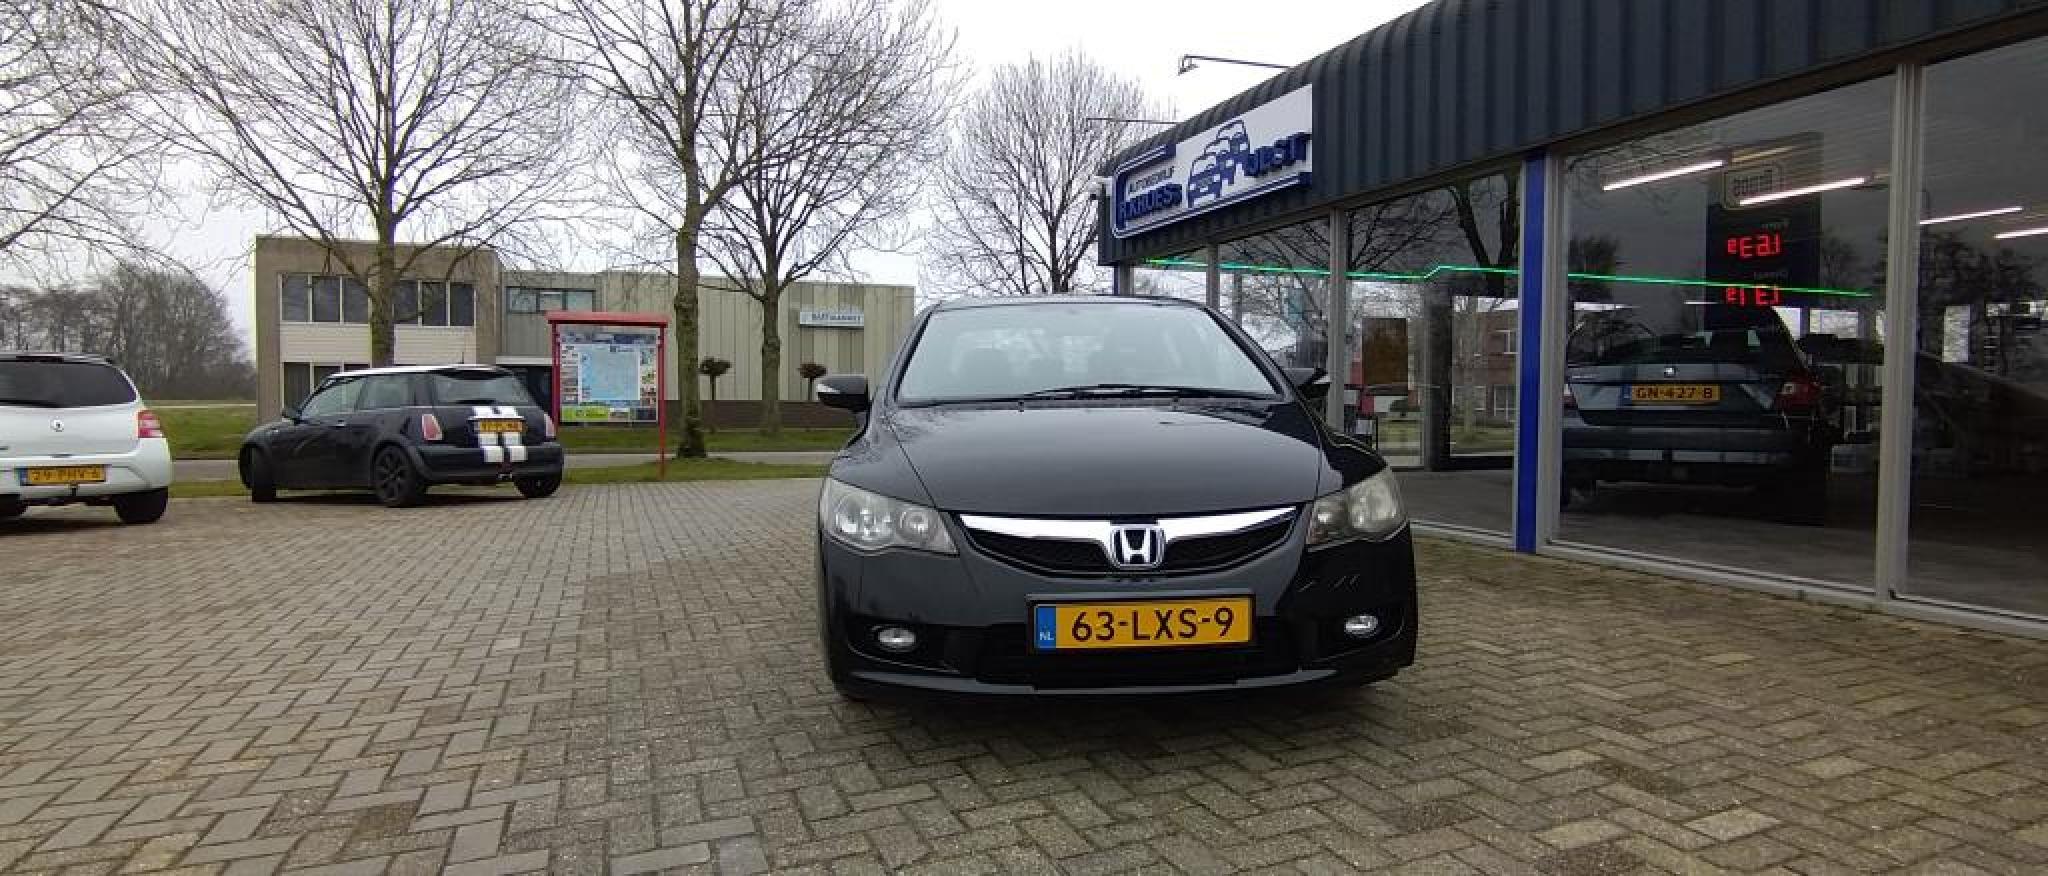 Honda-Civic-1